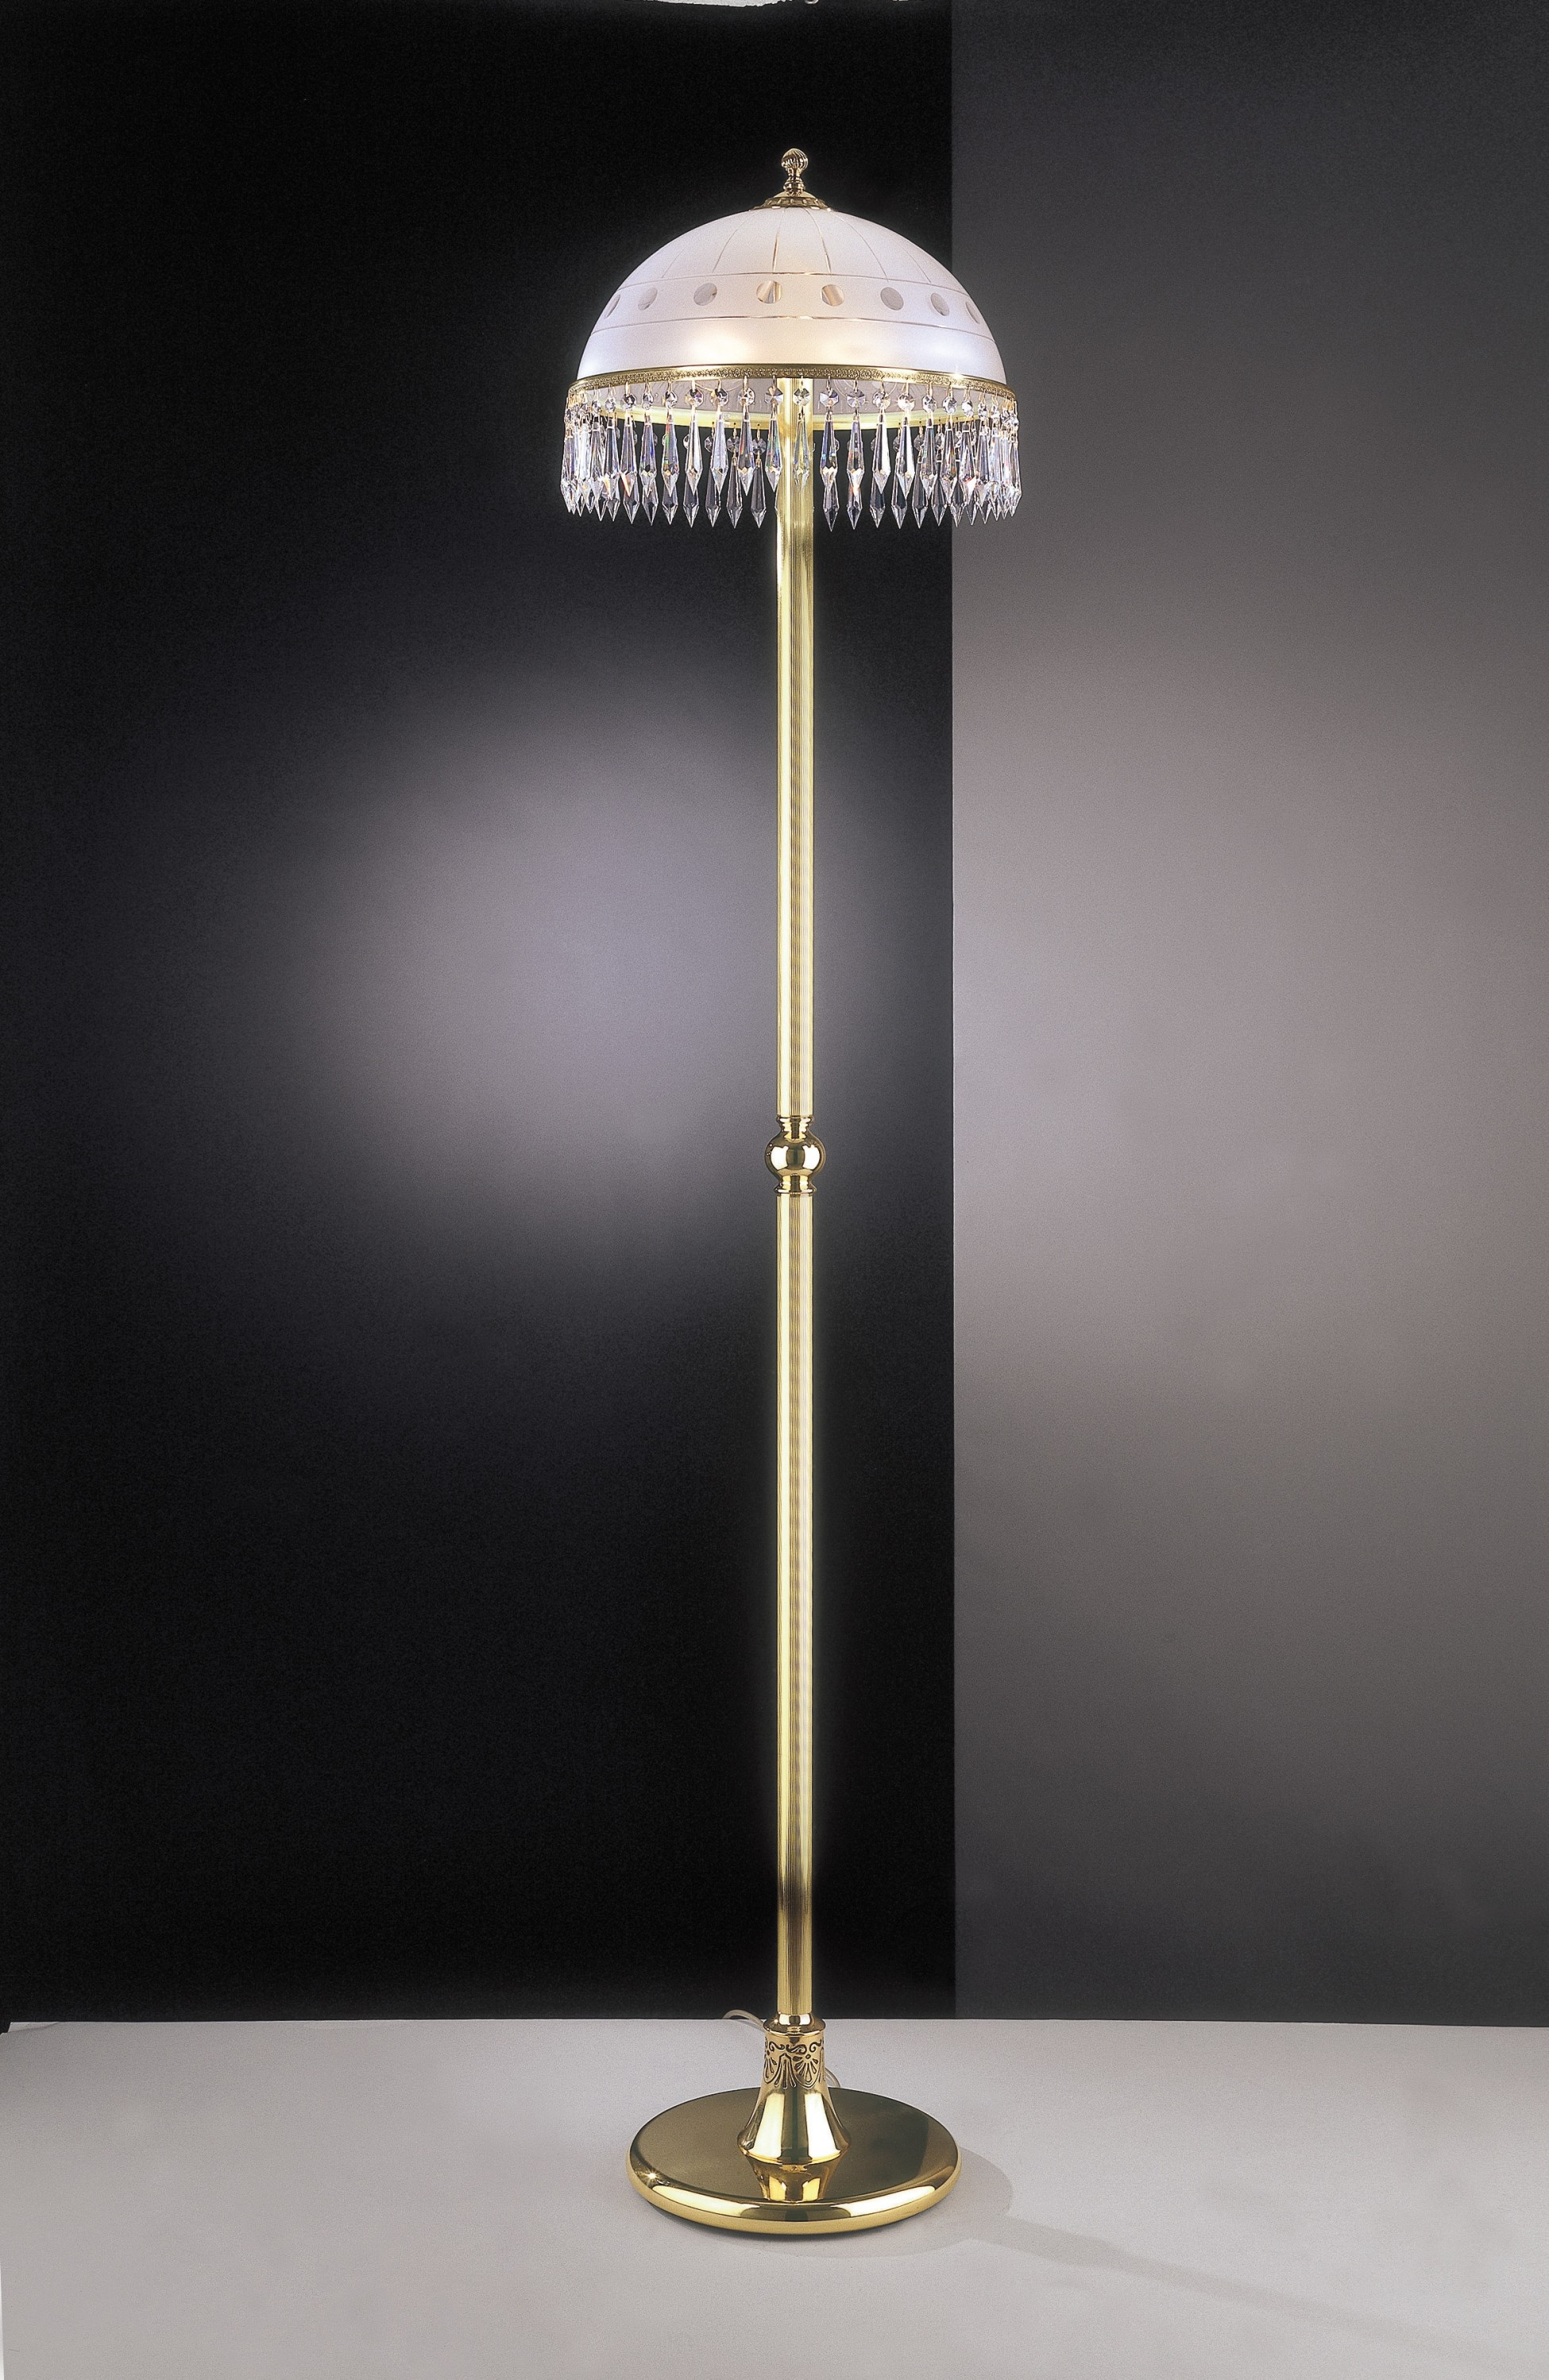 Stehlampe franz sisches gold reccagni store - Stehlampe mit kristallen ...